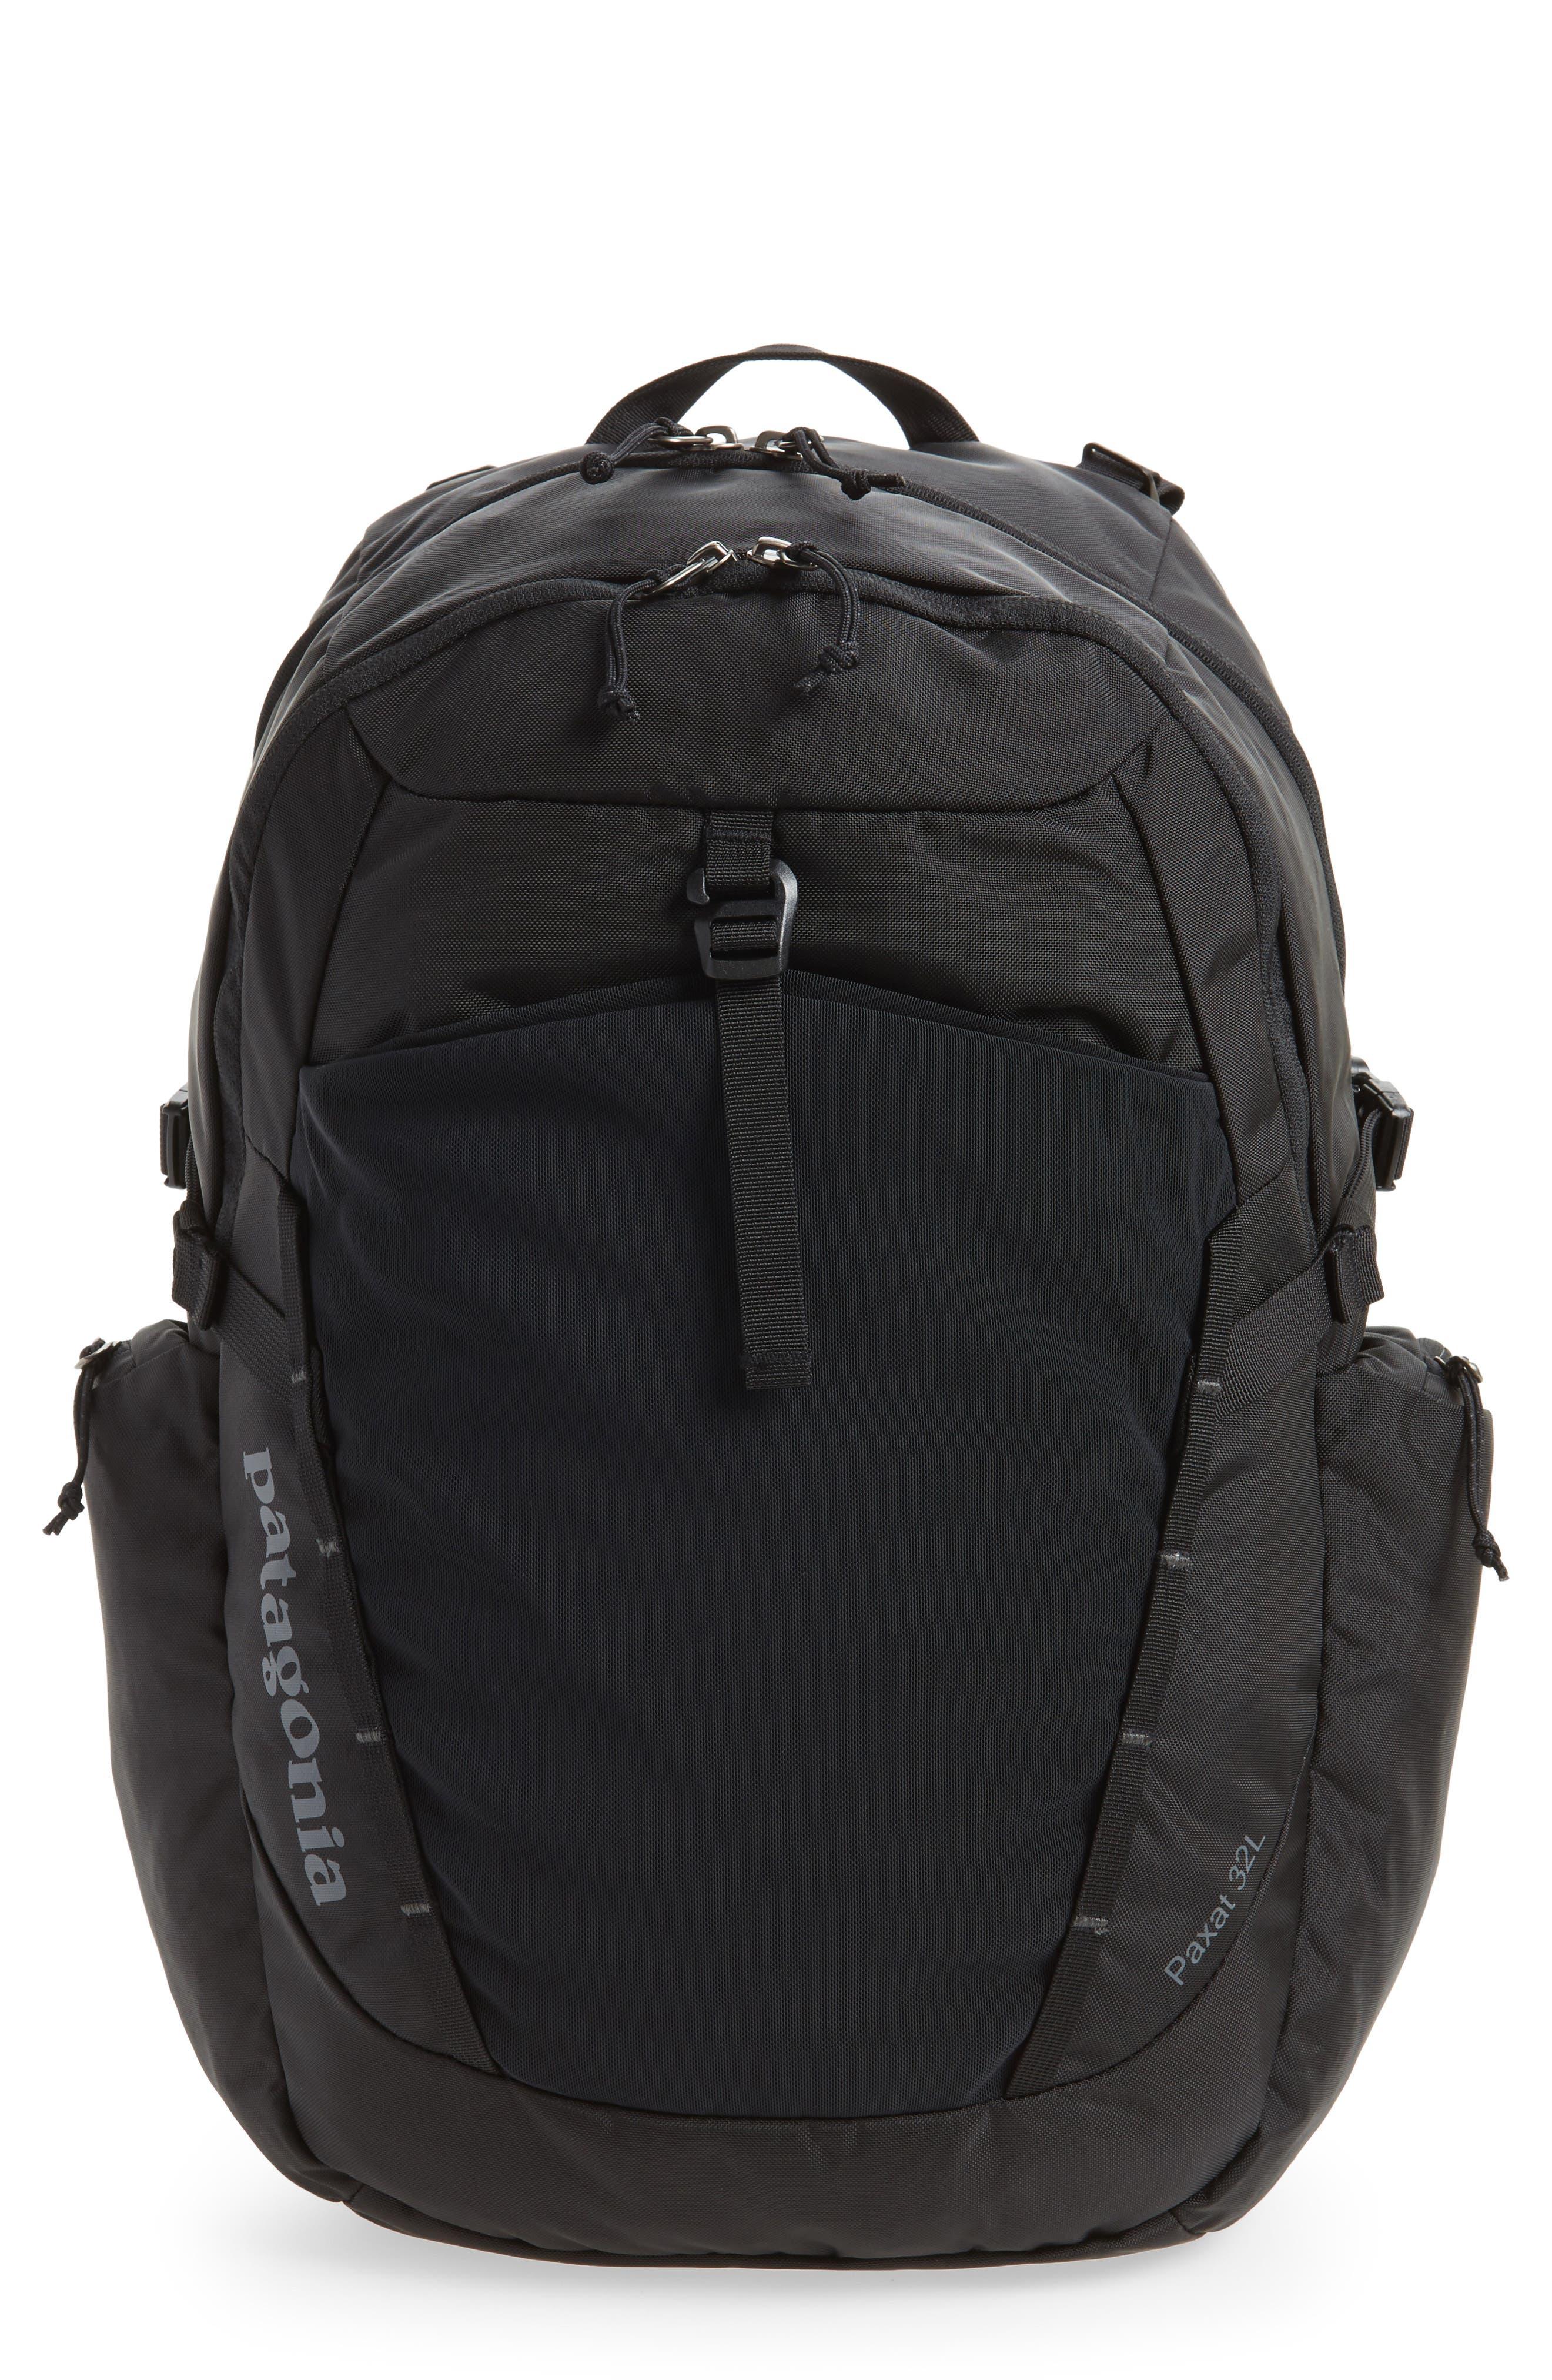 Patagonia Paxat 32-Liter Backpack